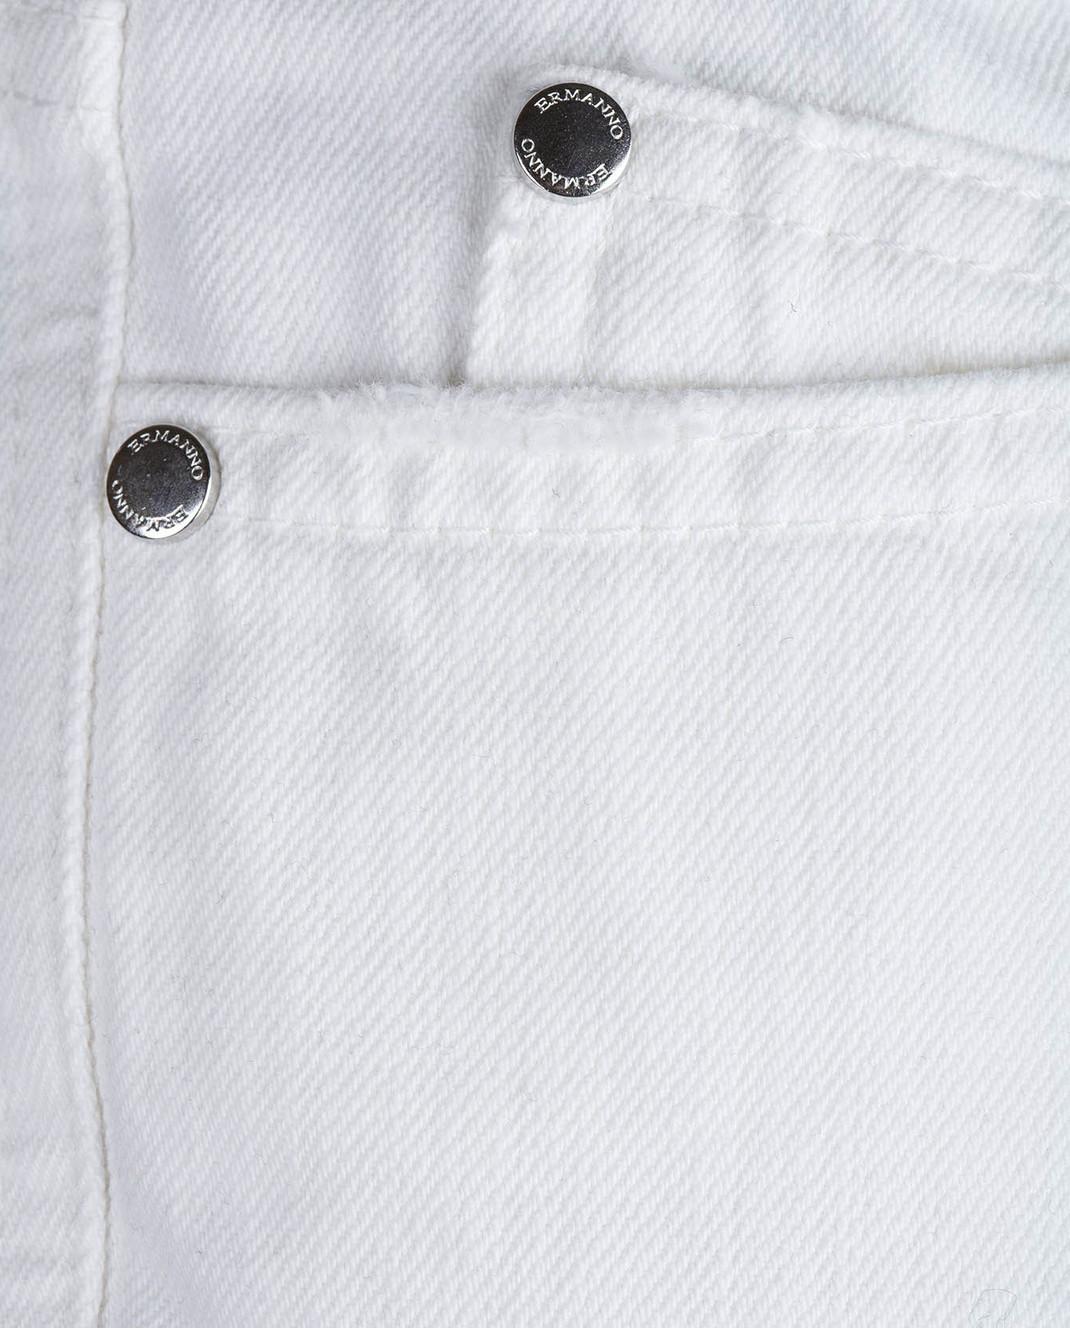 Ermanno Белые джинсы JL09 изображение 5